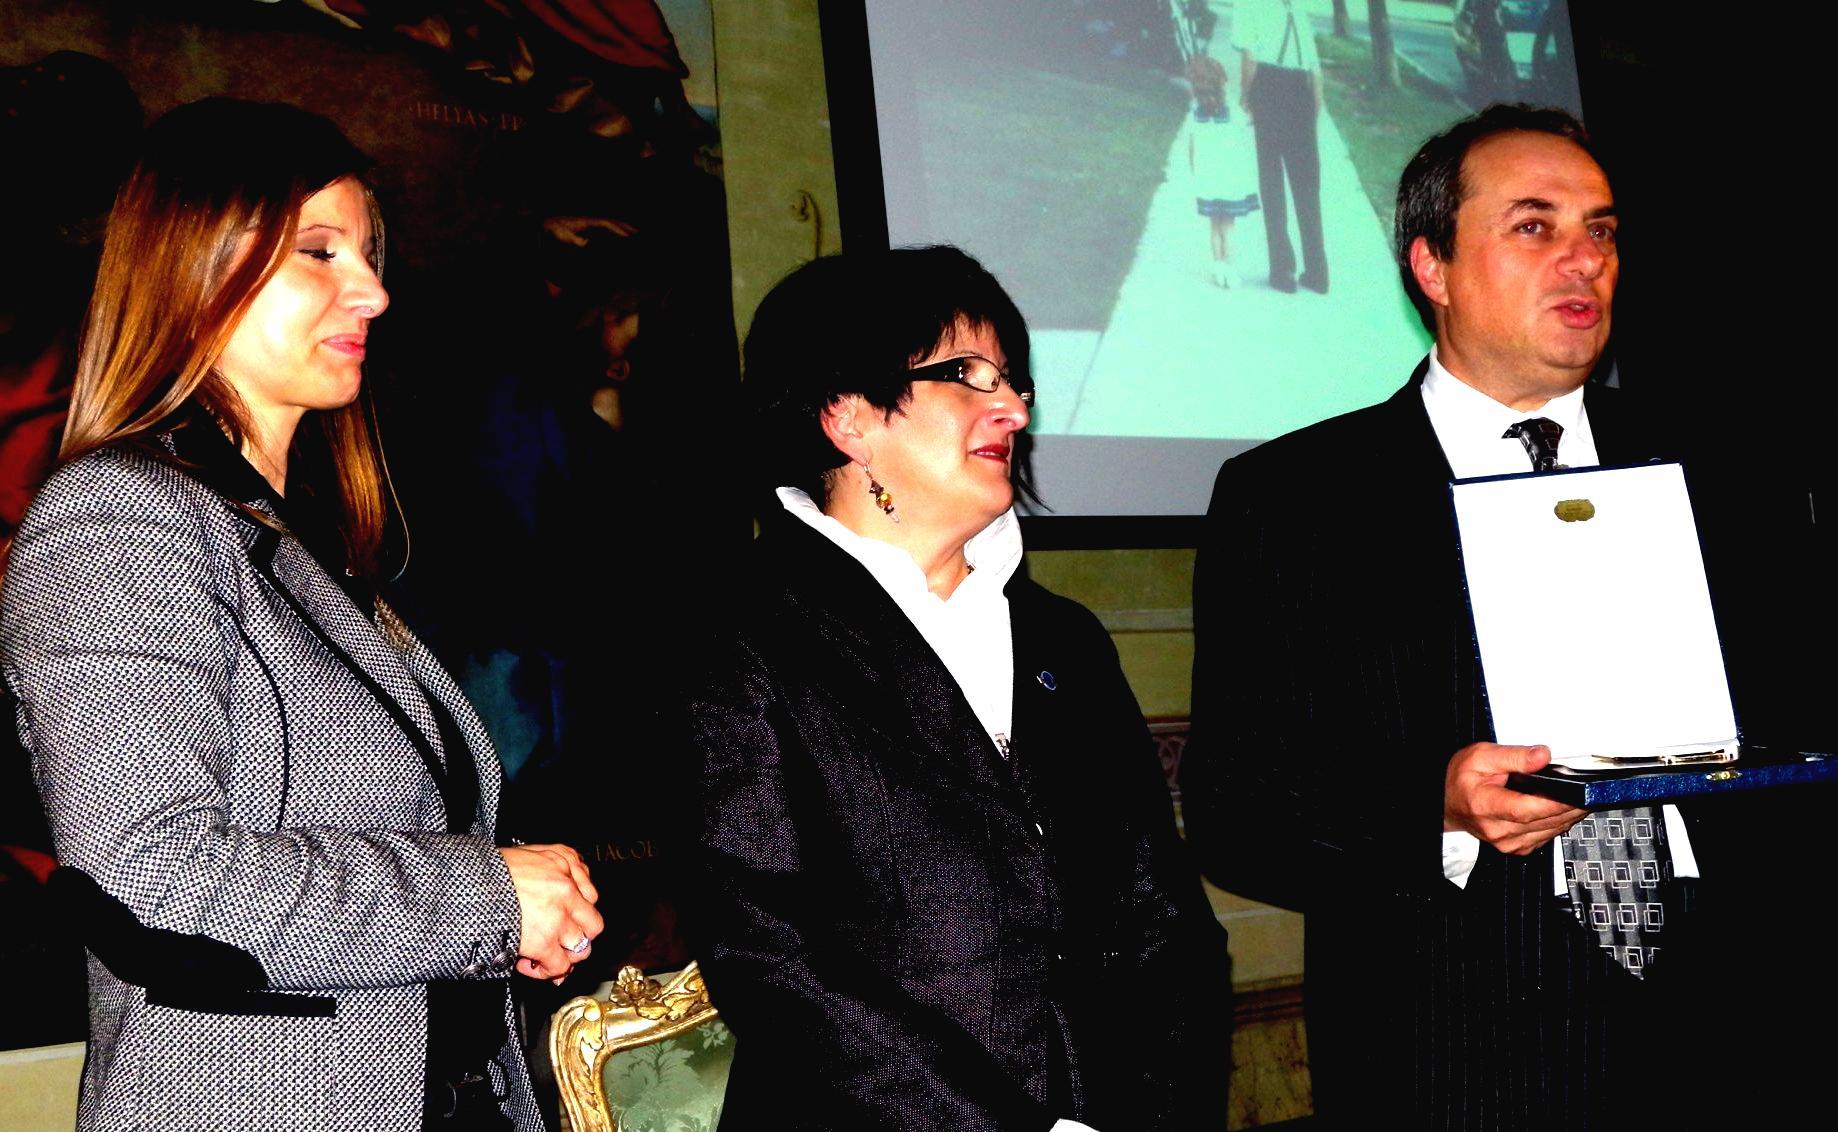 Réception des armoiries de la région Marche : il Picchio Nero - décembre 2012